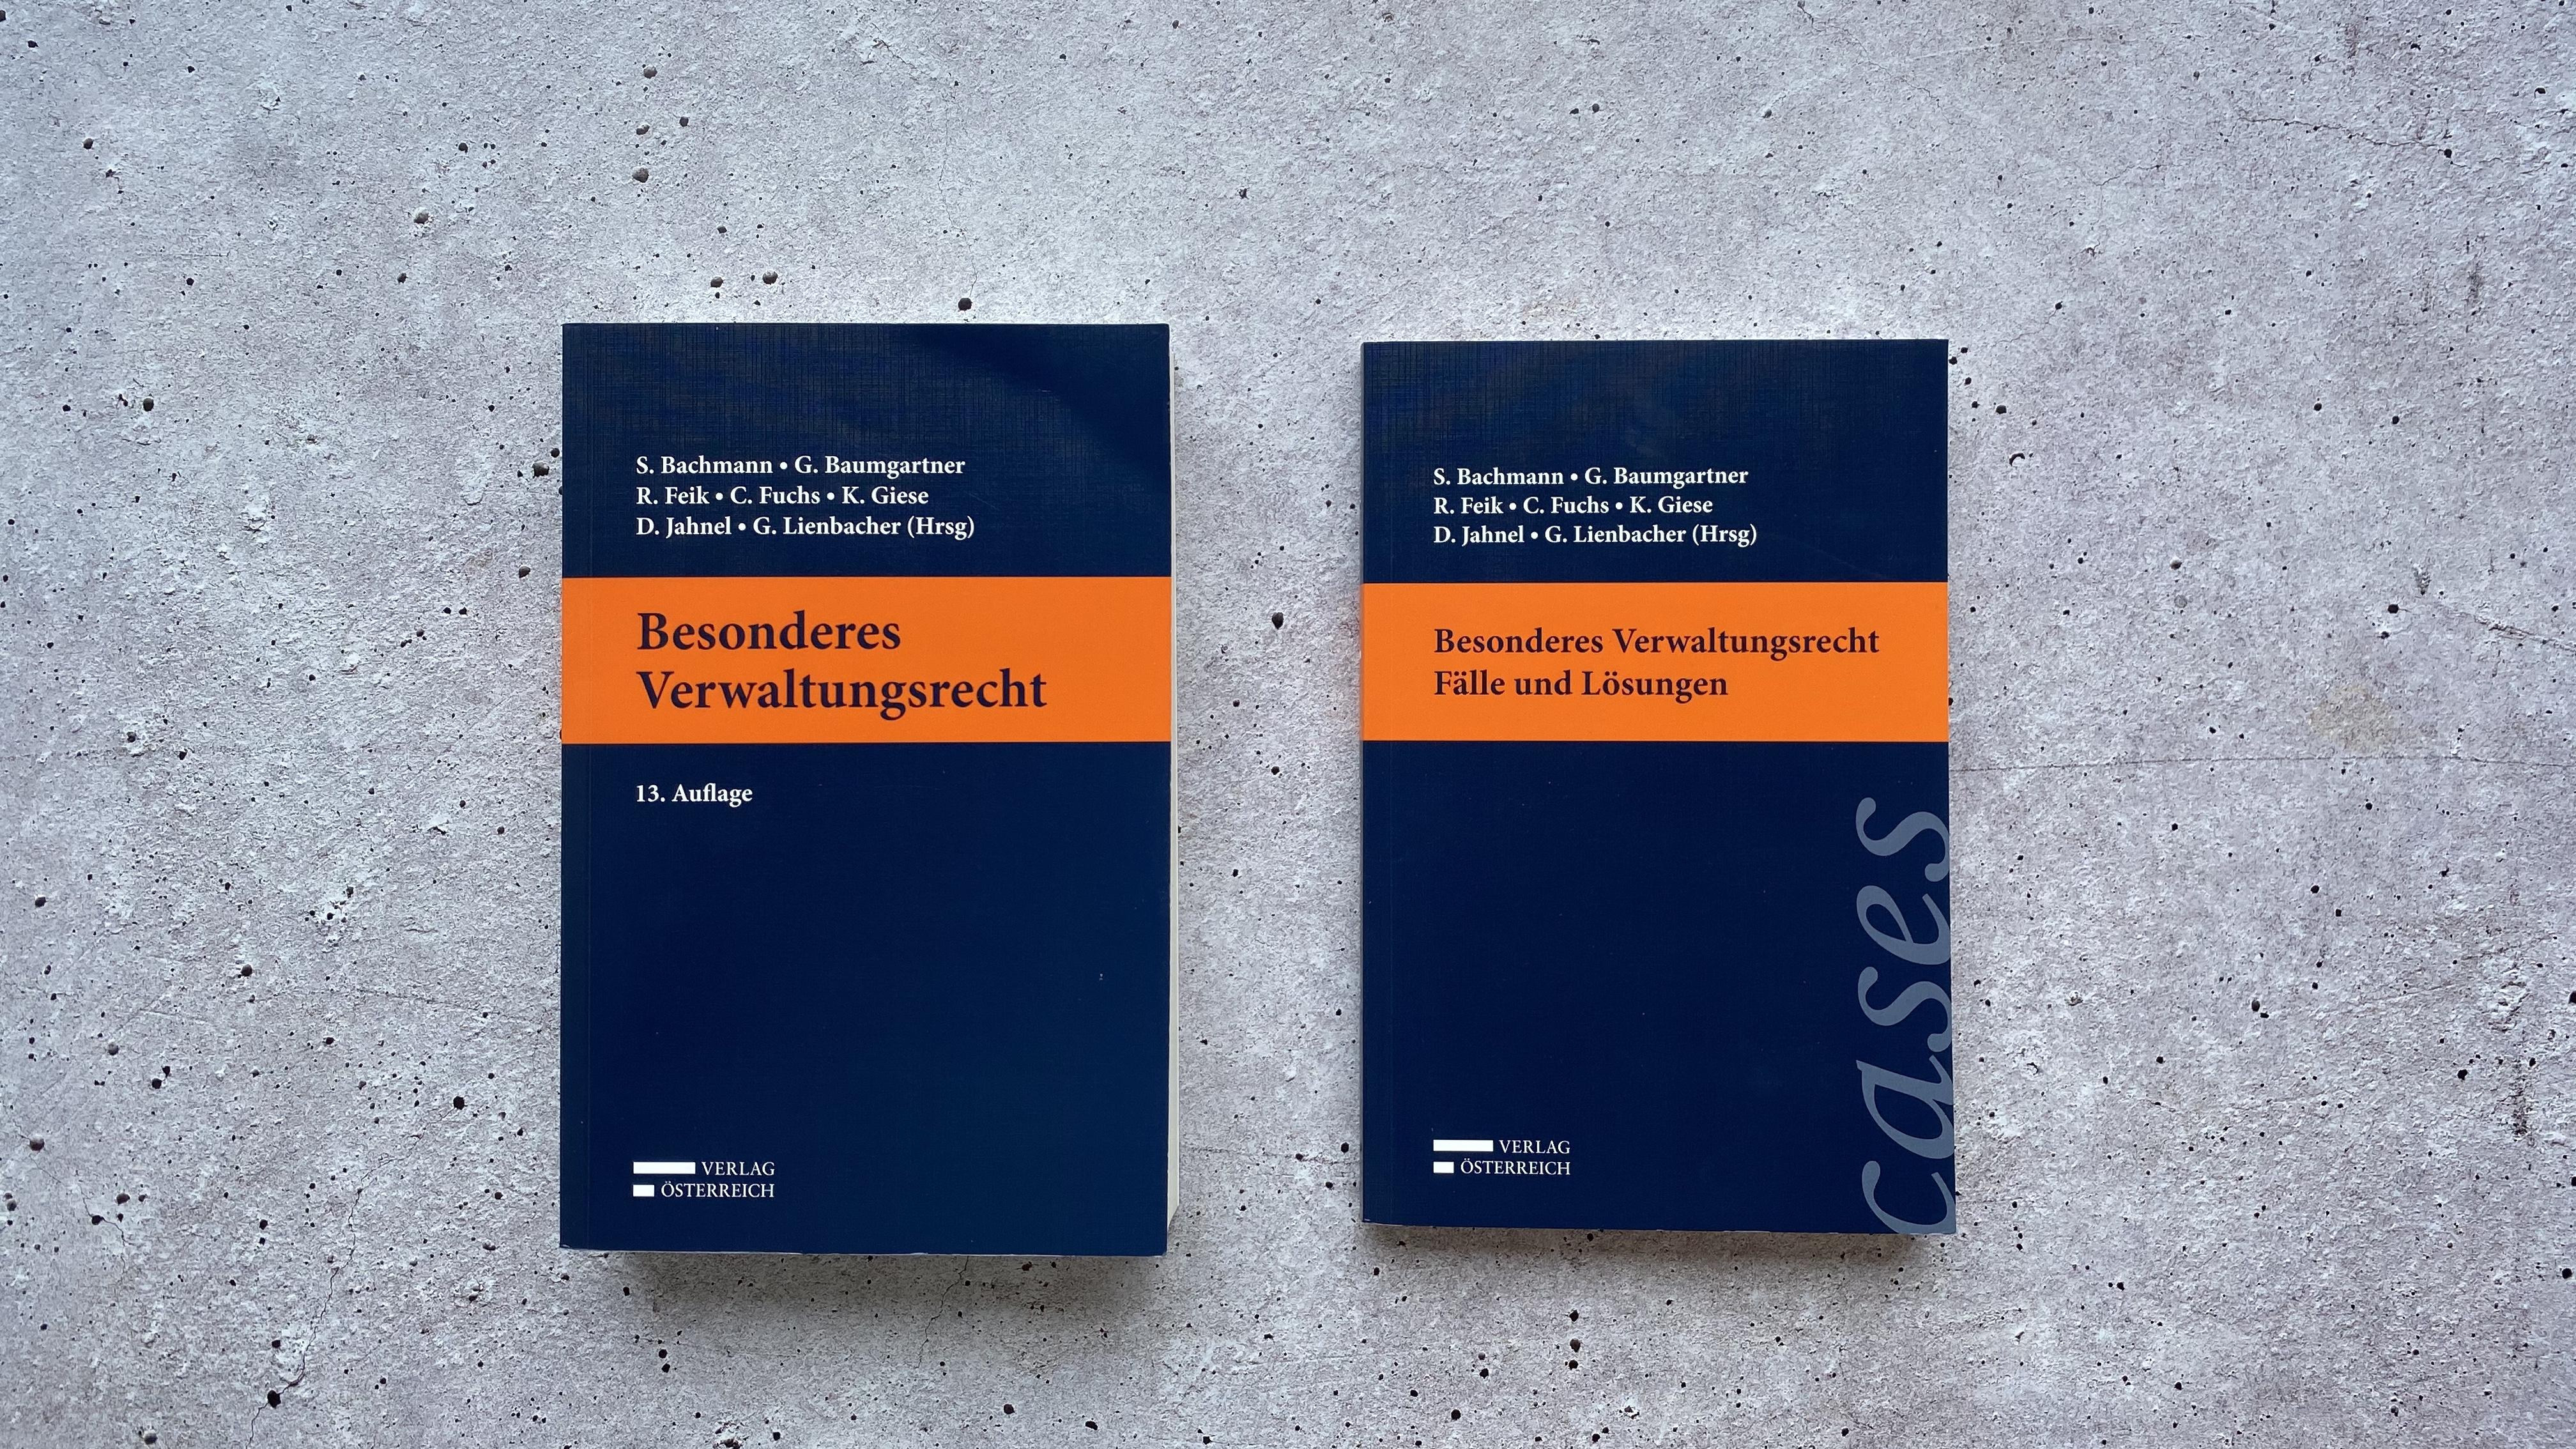 Kombipaket Besonderes Verwaltungsrecht